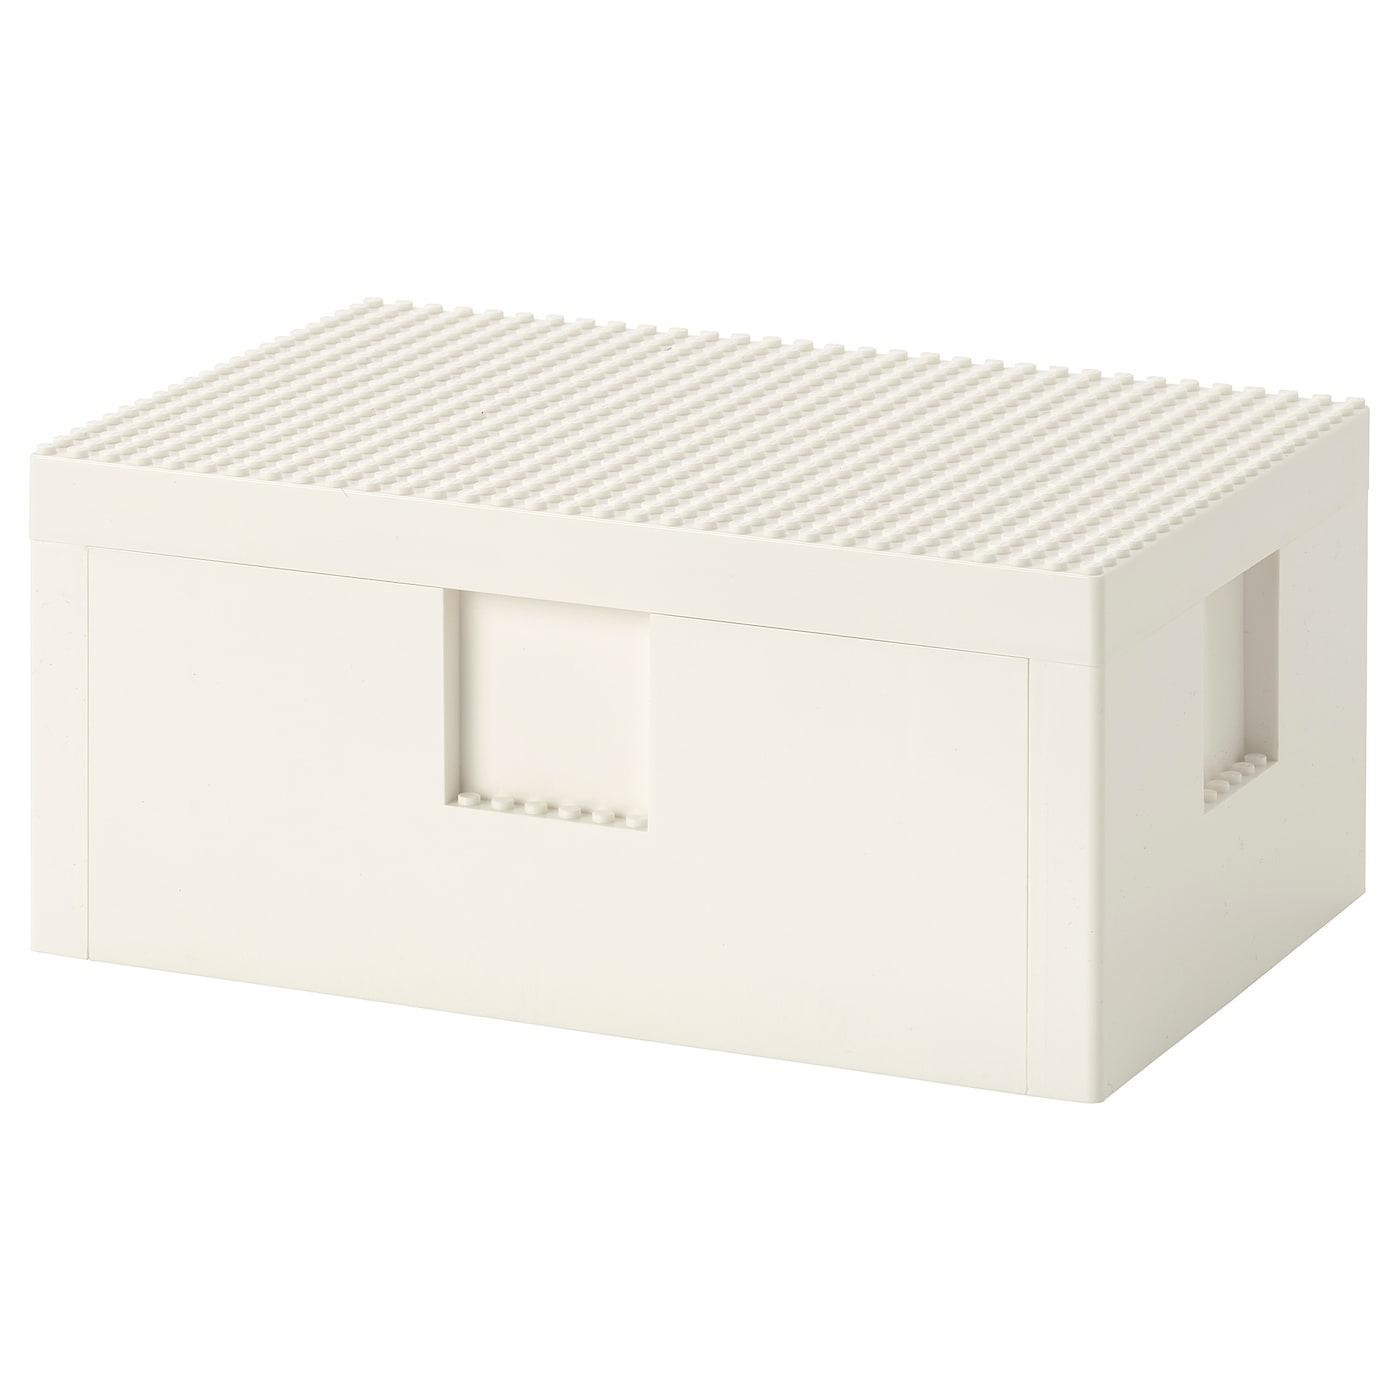 BYGGLEK LEGO®-Schachtel mit Deckel - weiß 26x18x12 cm